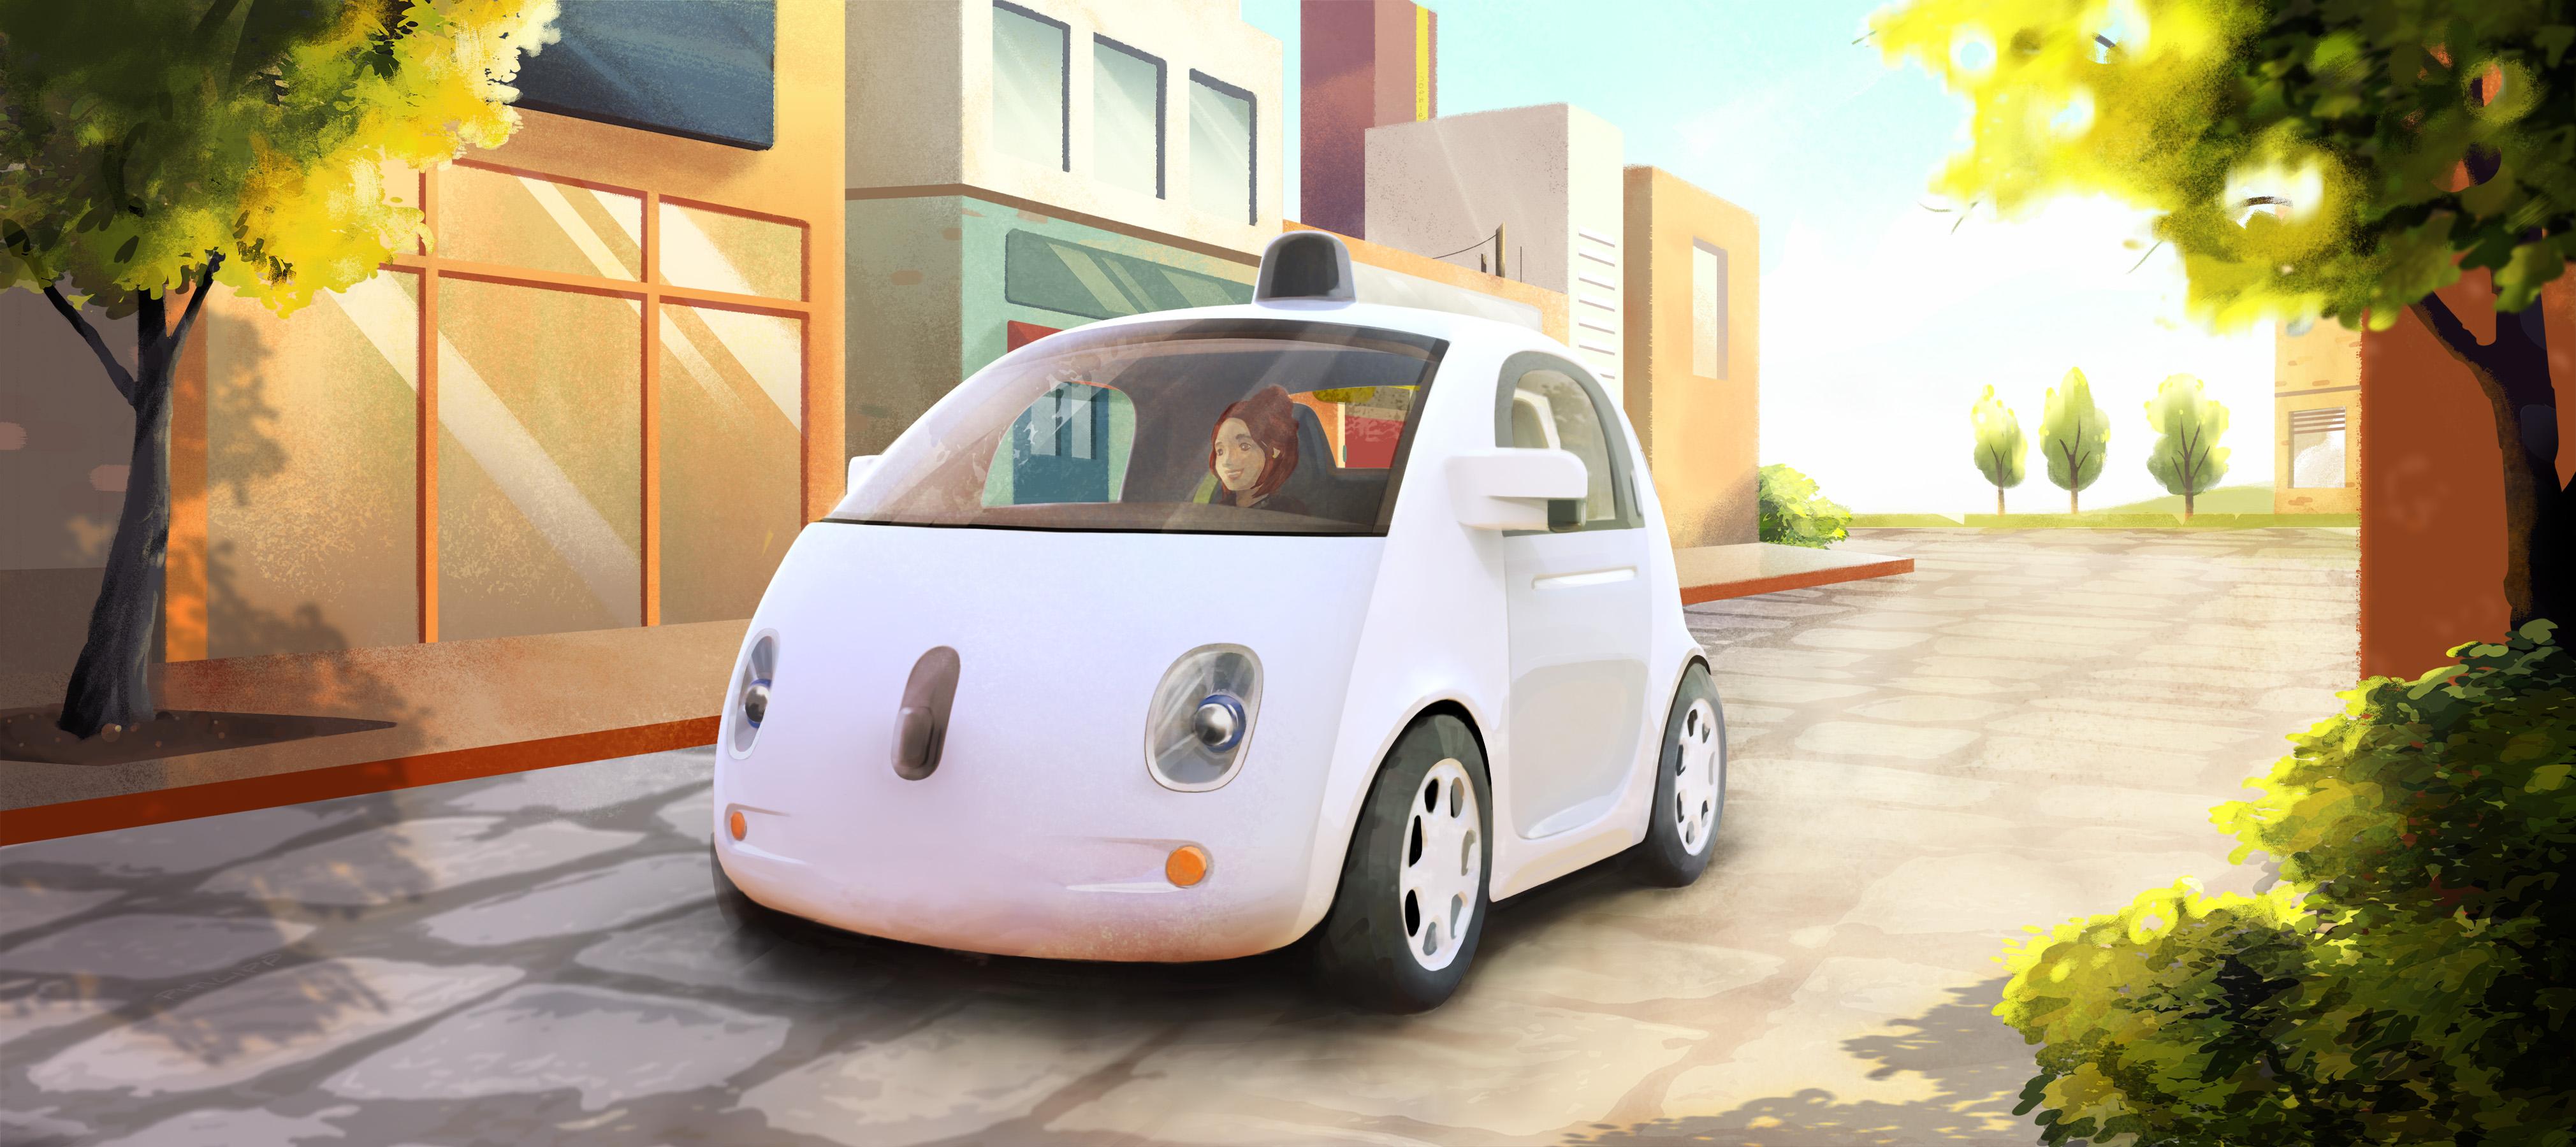 La voiture sans chauffeur de Google